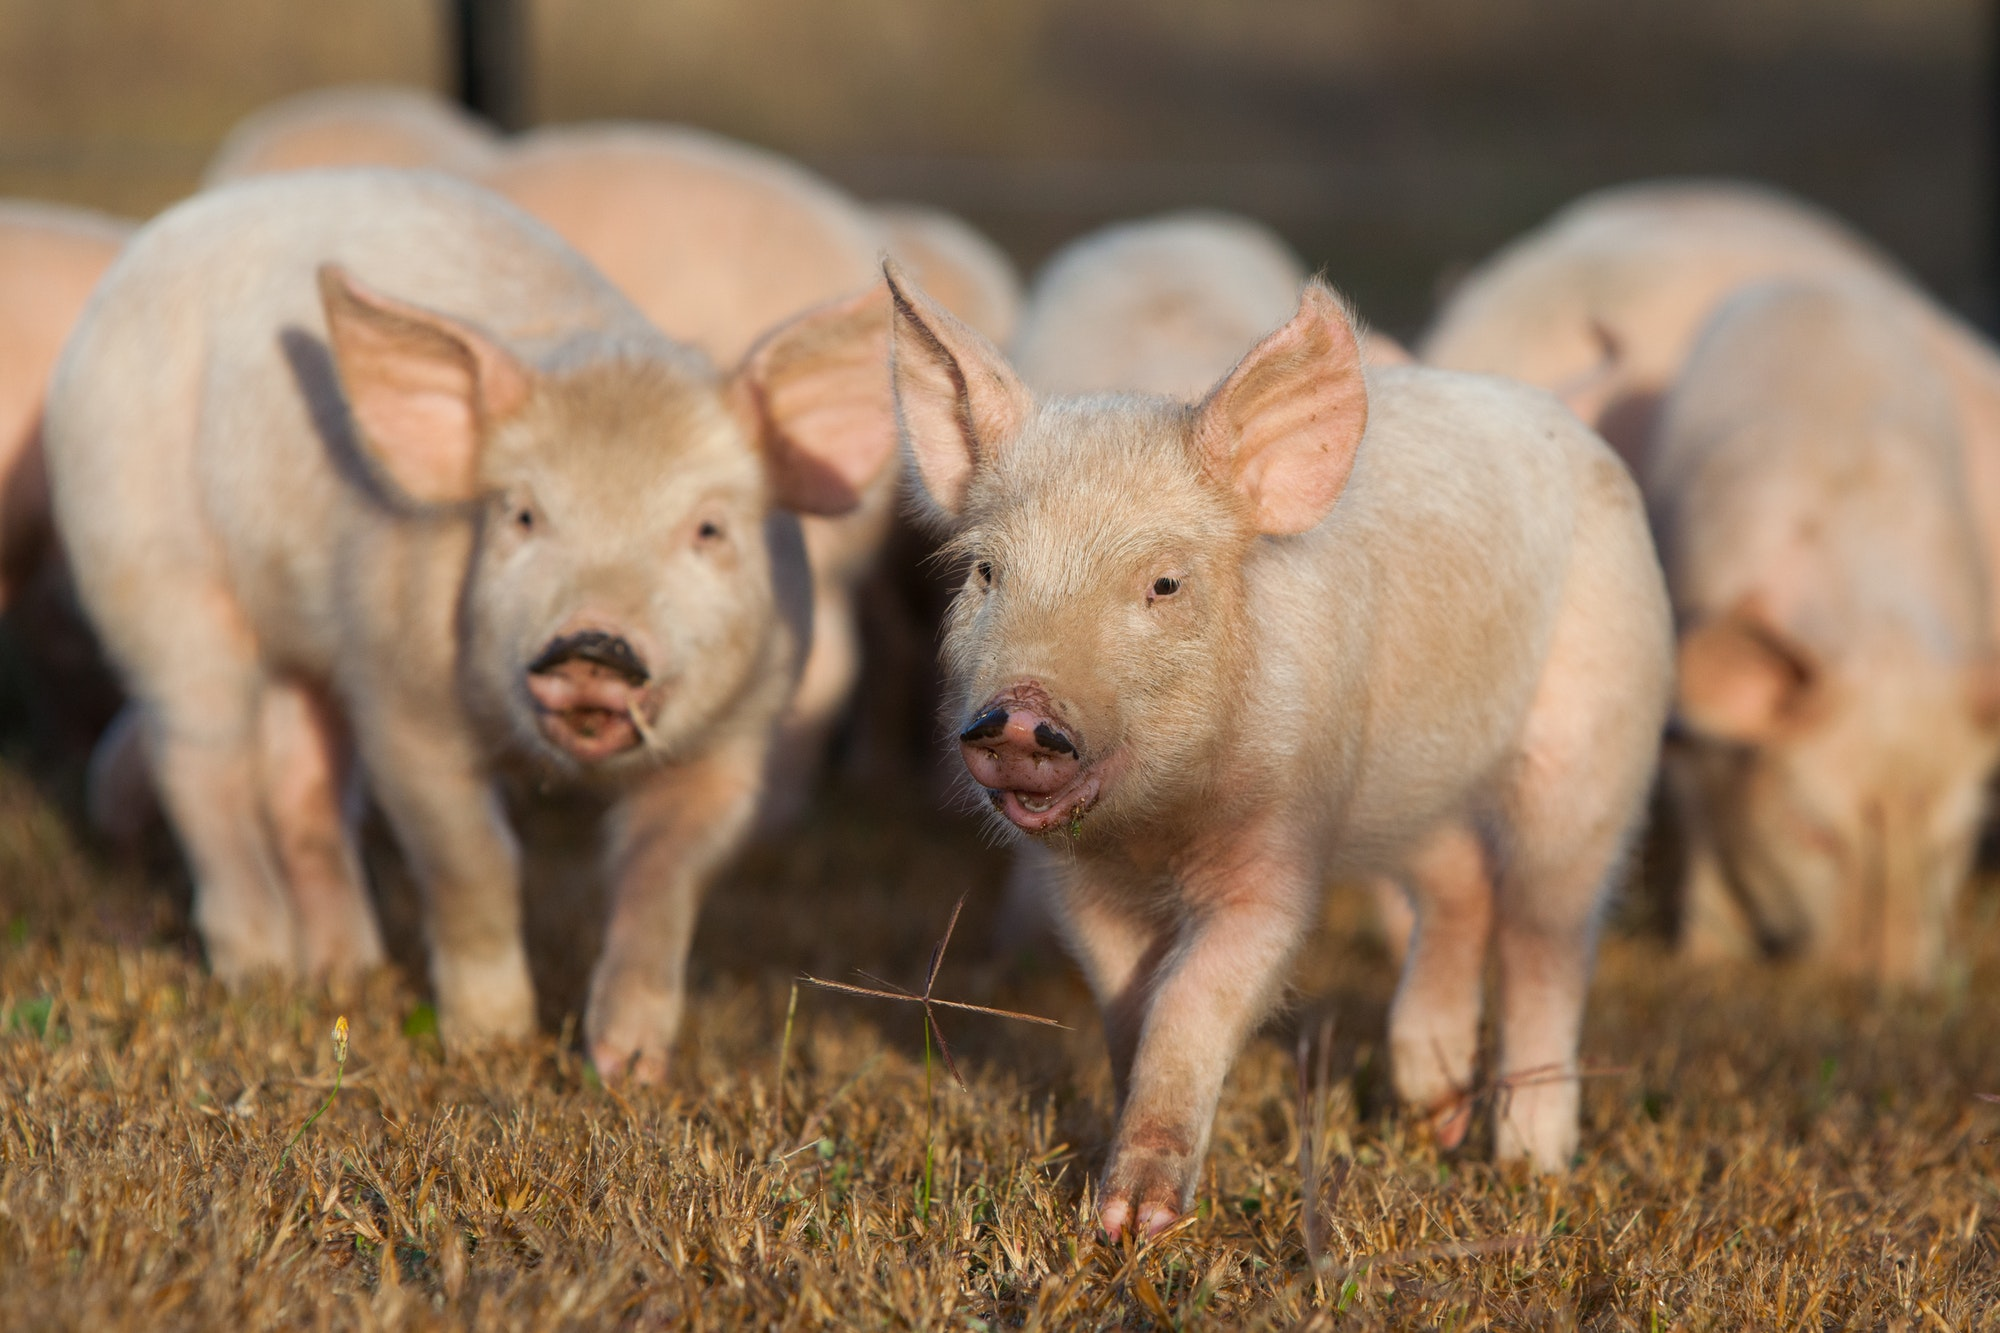 Piglets Running